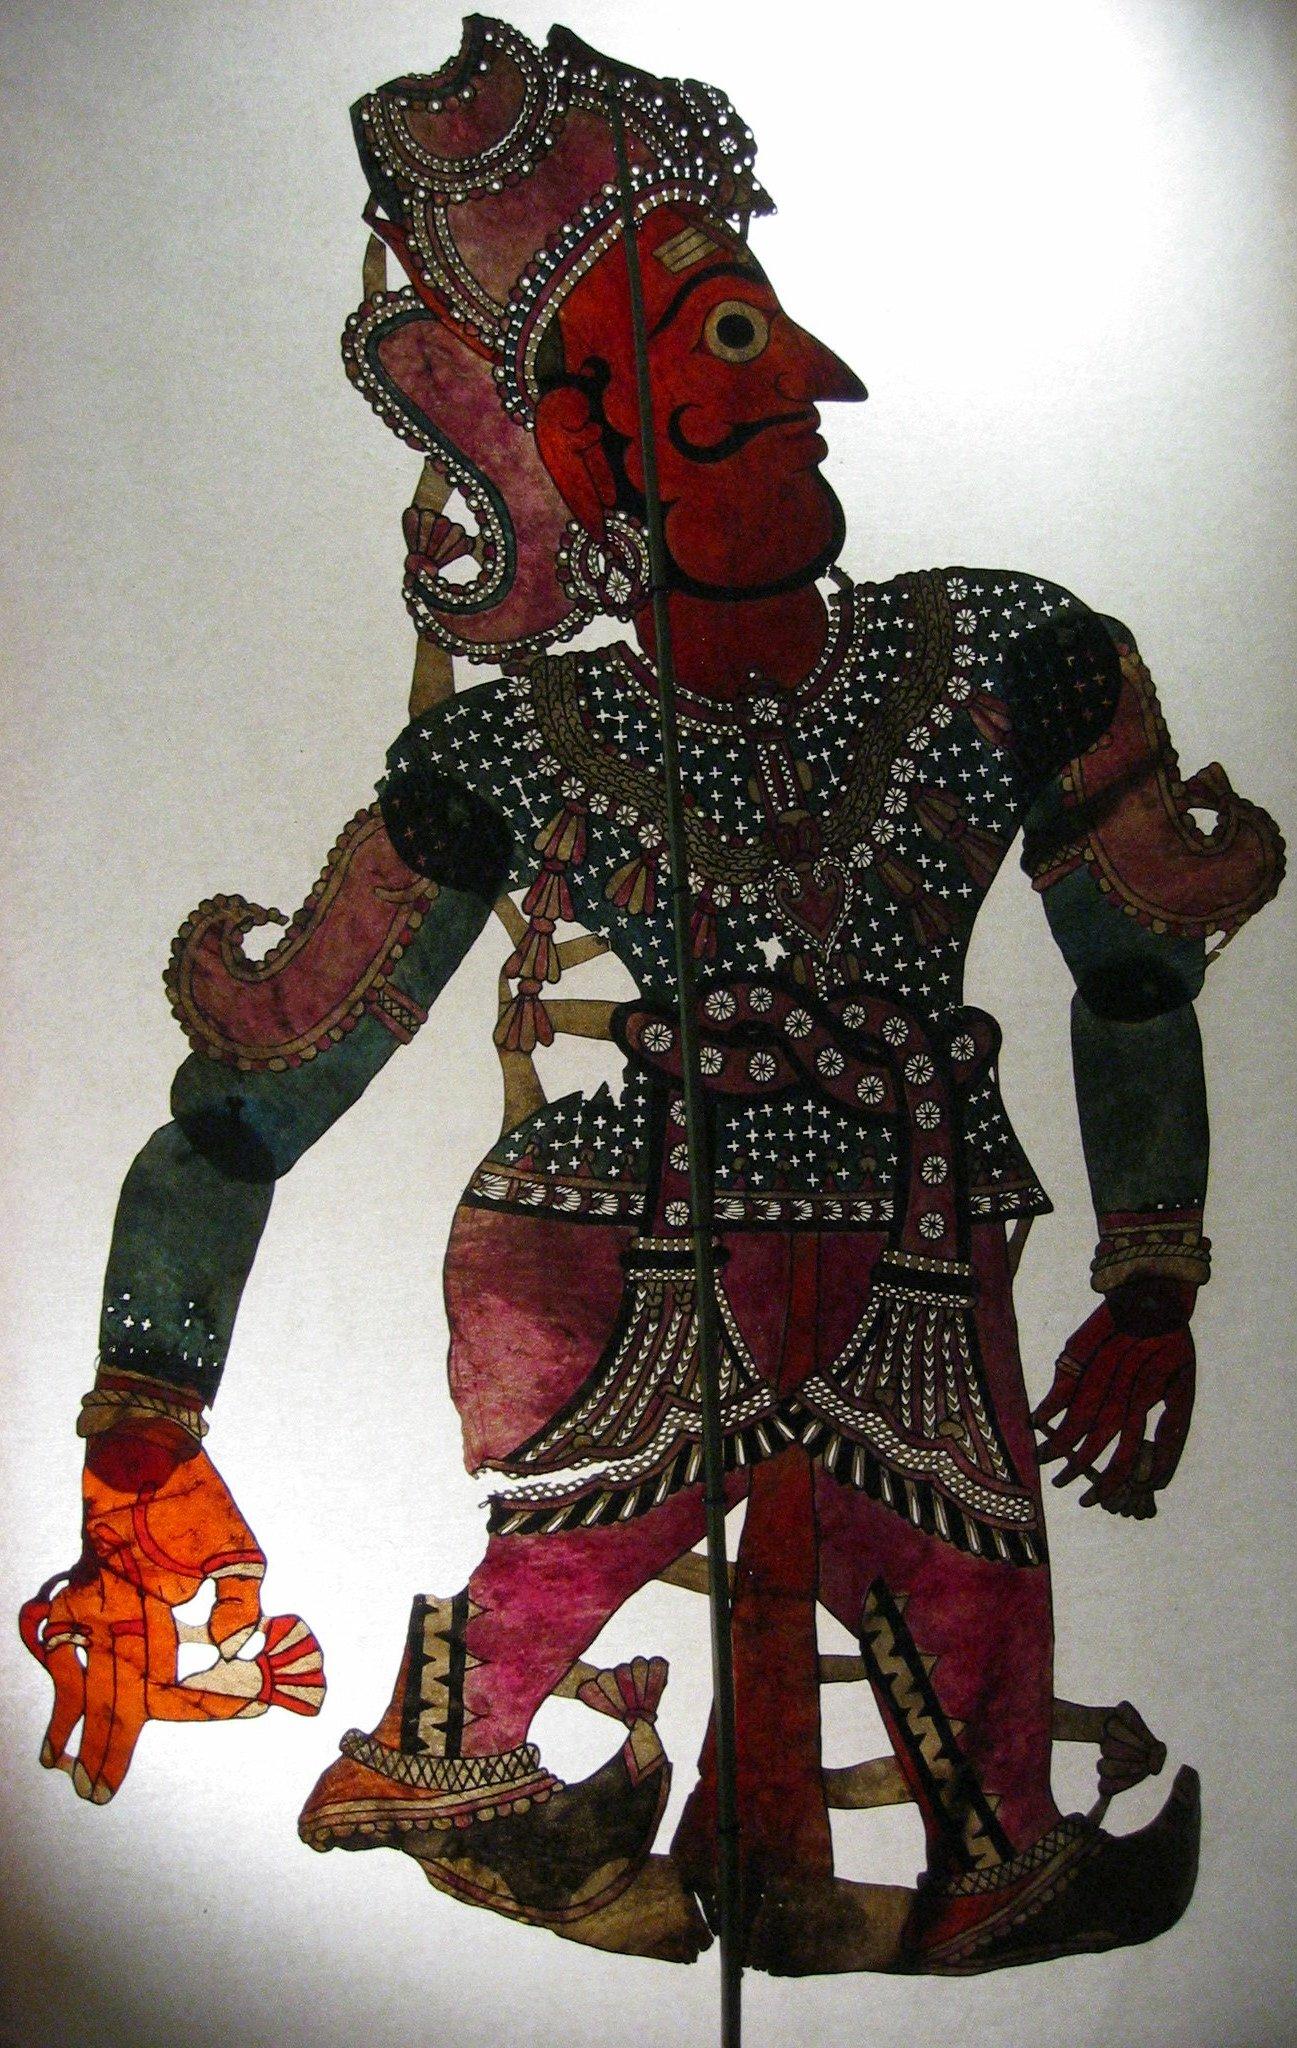 Rama, une figure d'ombre, tolu bommalata, d'Andhra Pradesh, en Inde, hauteur : 1,10 m. Collection : Center for Puppetry Arts (Atlanta, Géorgie, États-Unis)